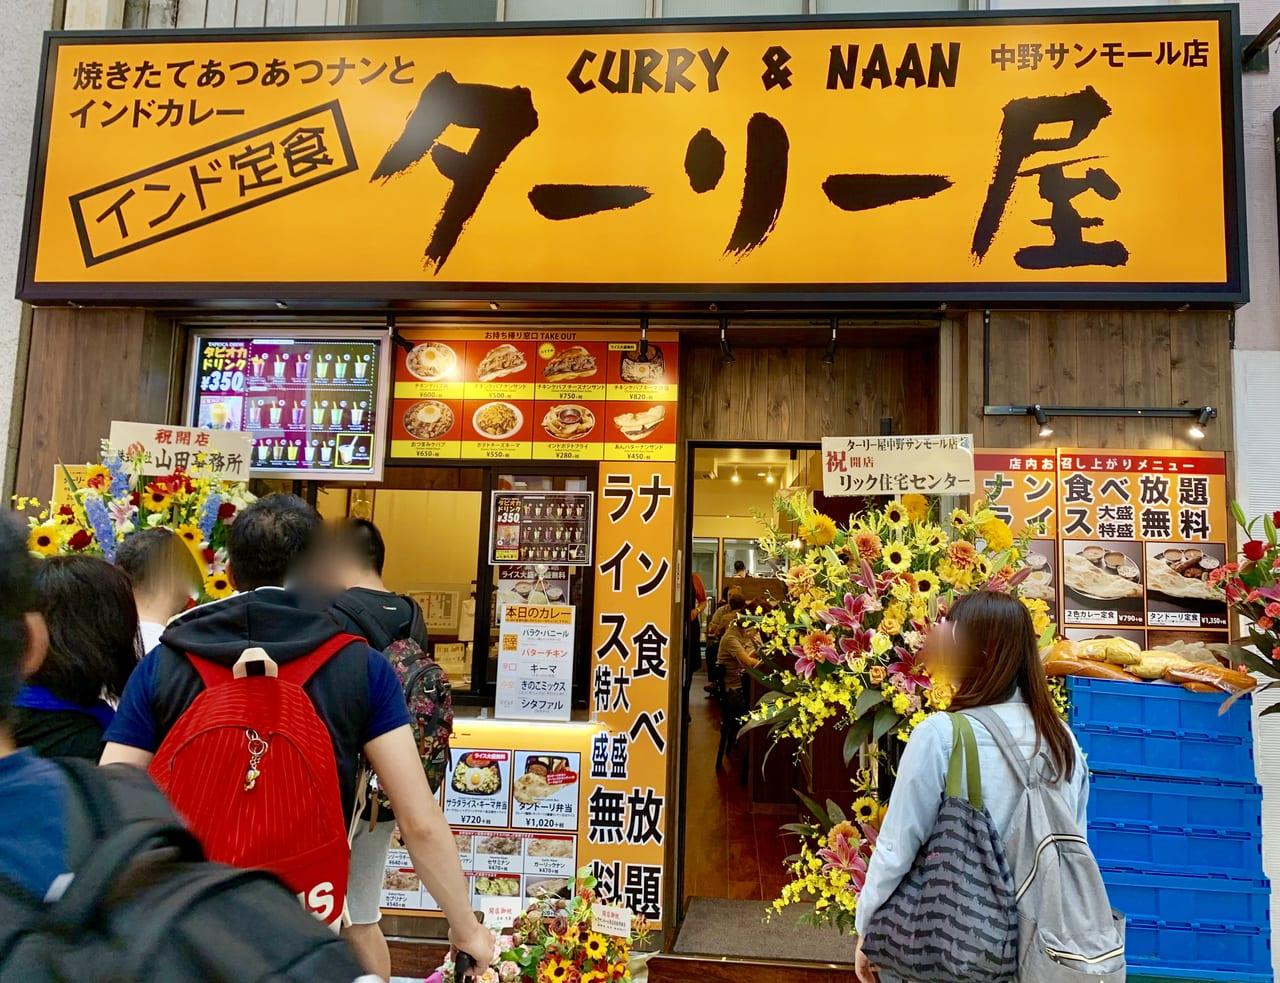 中野サンモールに開店したターリー屋